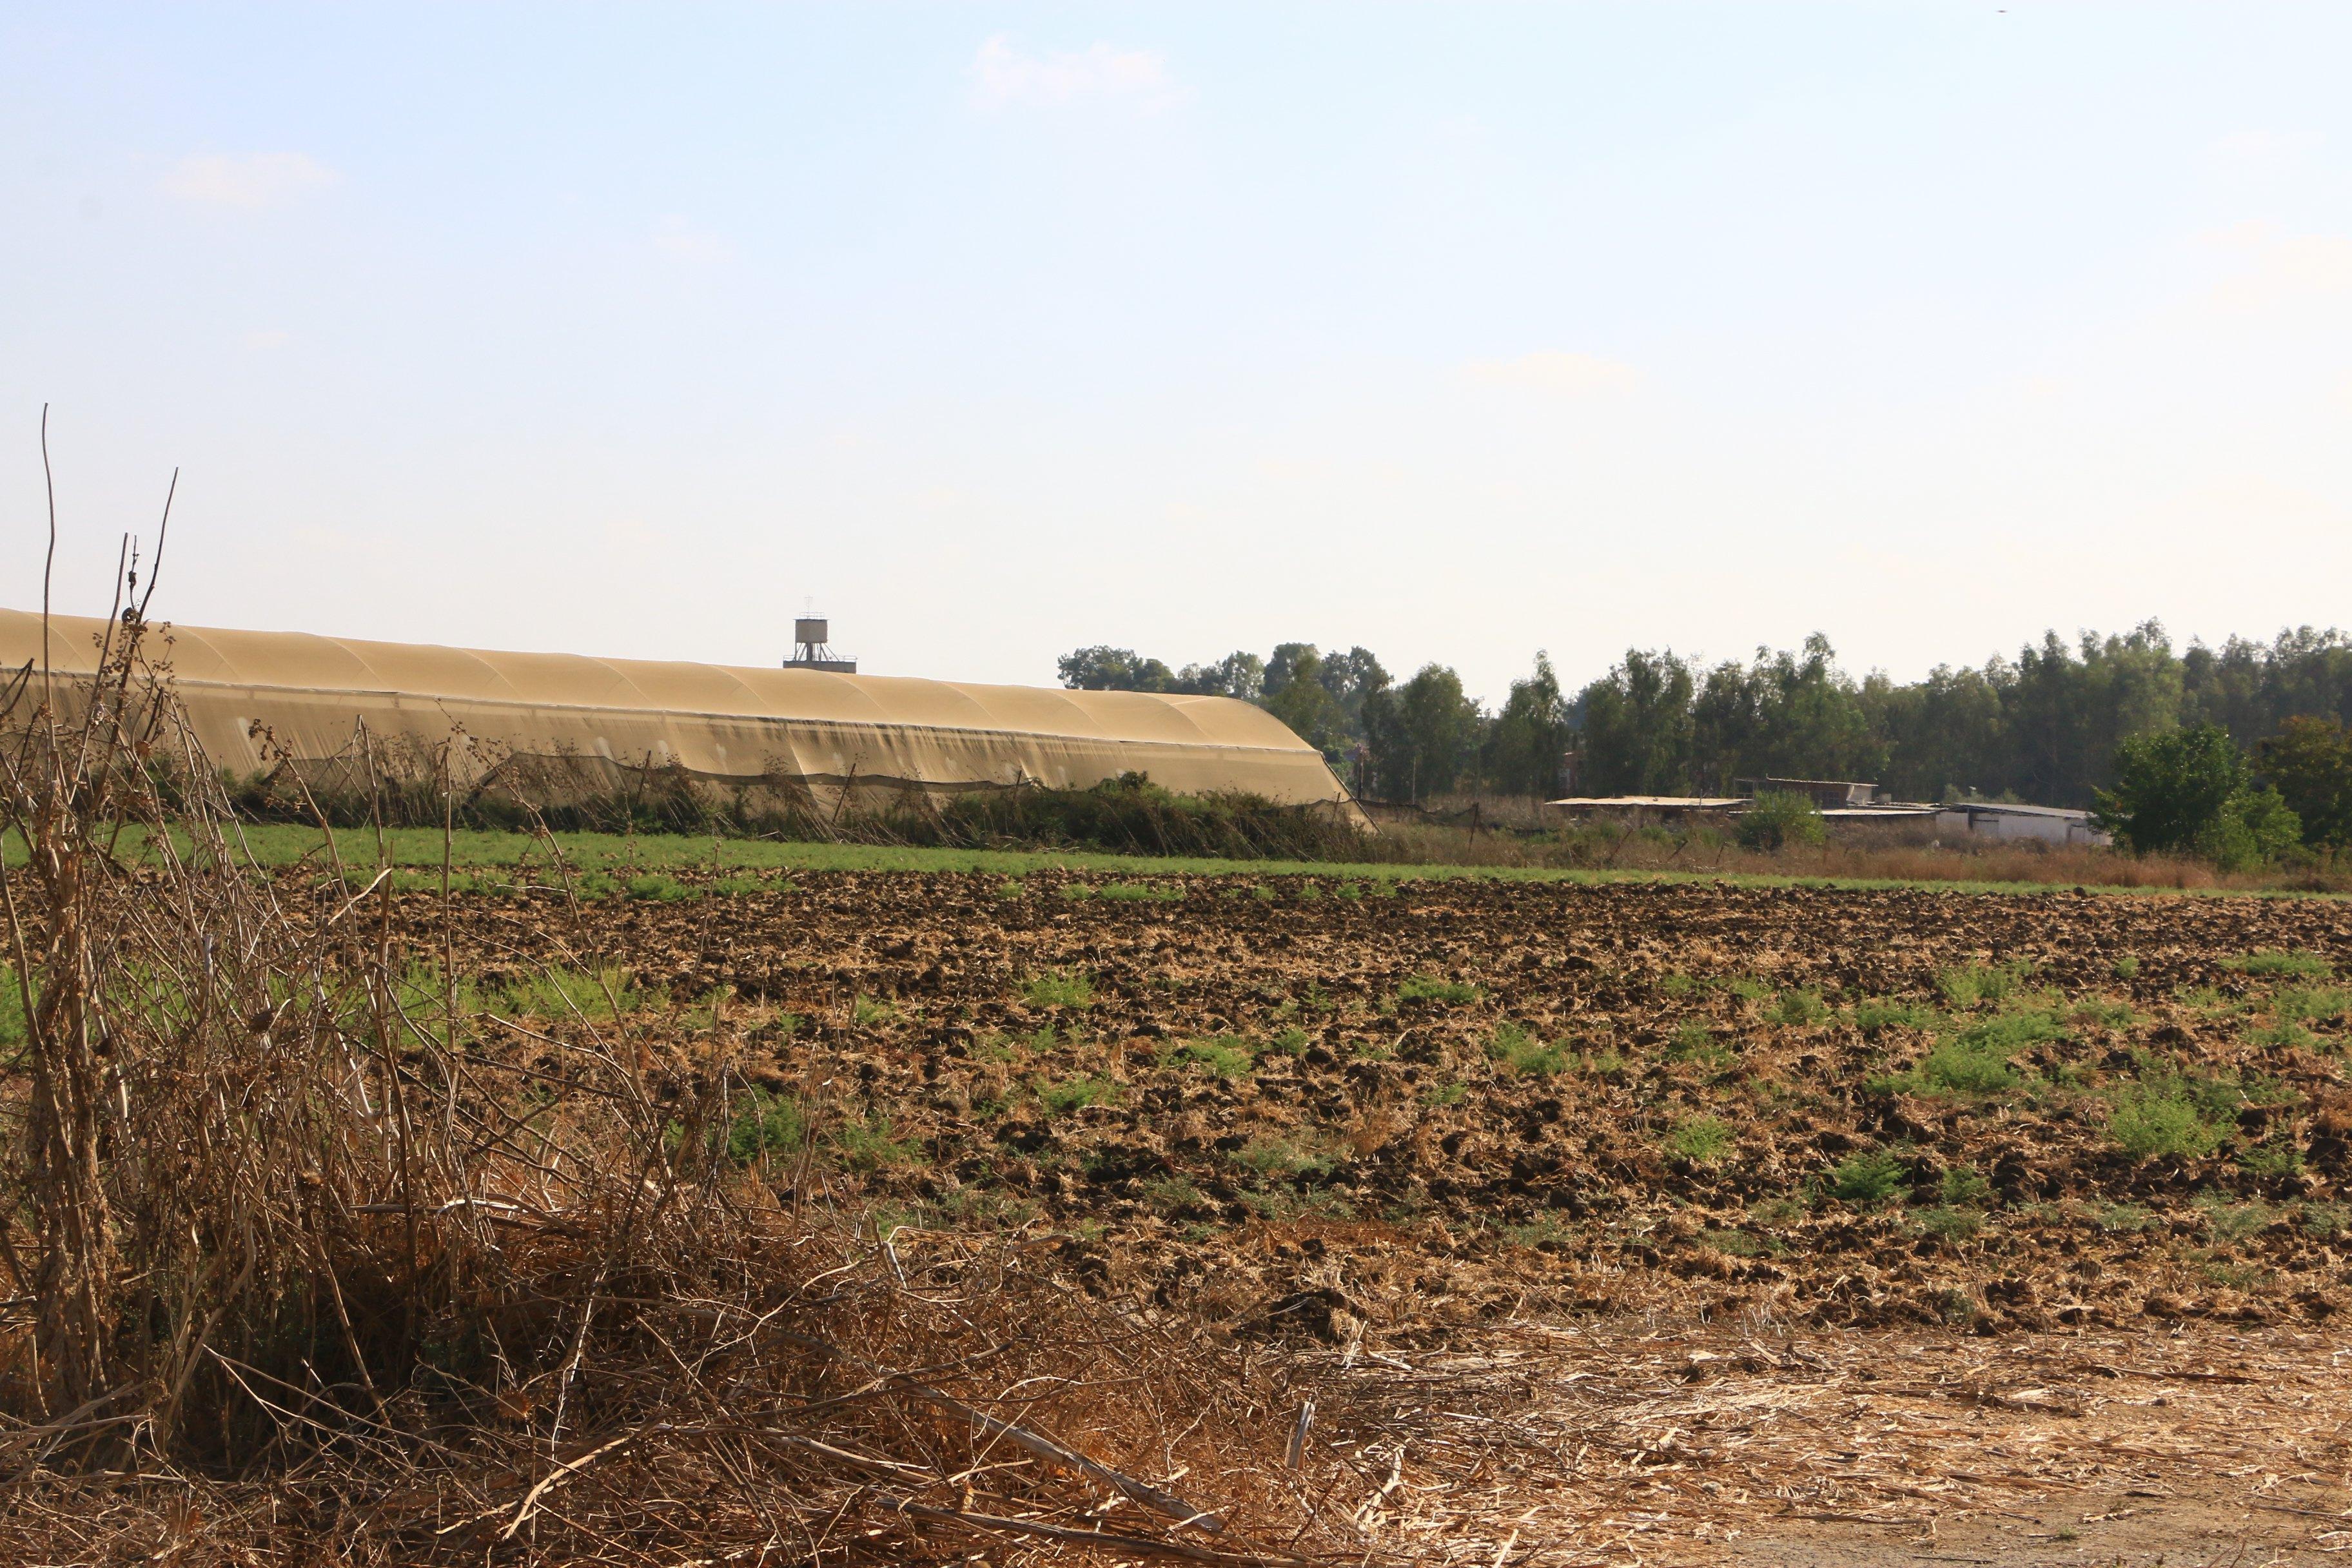 קרקע חקלאית מושב מזור (צילום: דנה קופל)